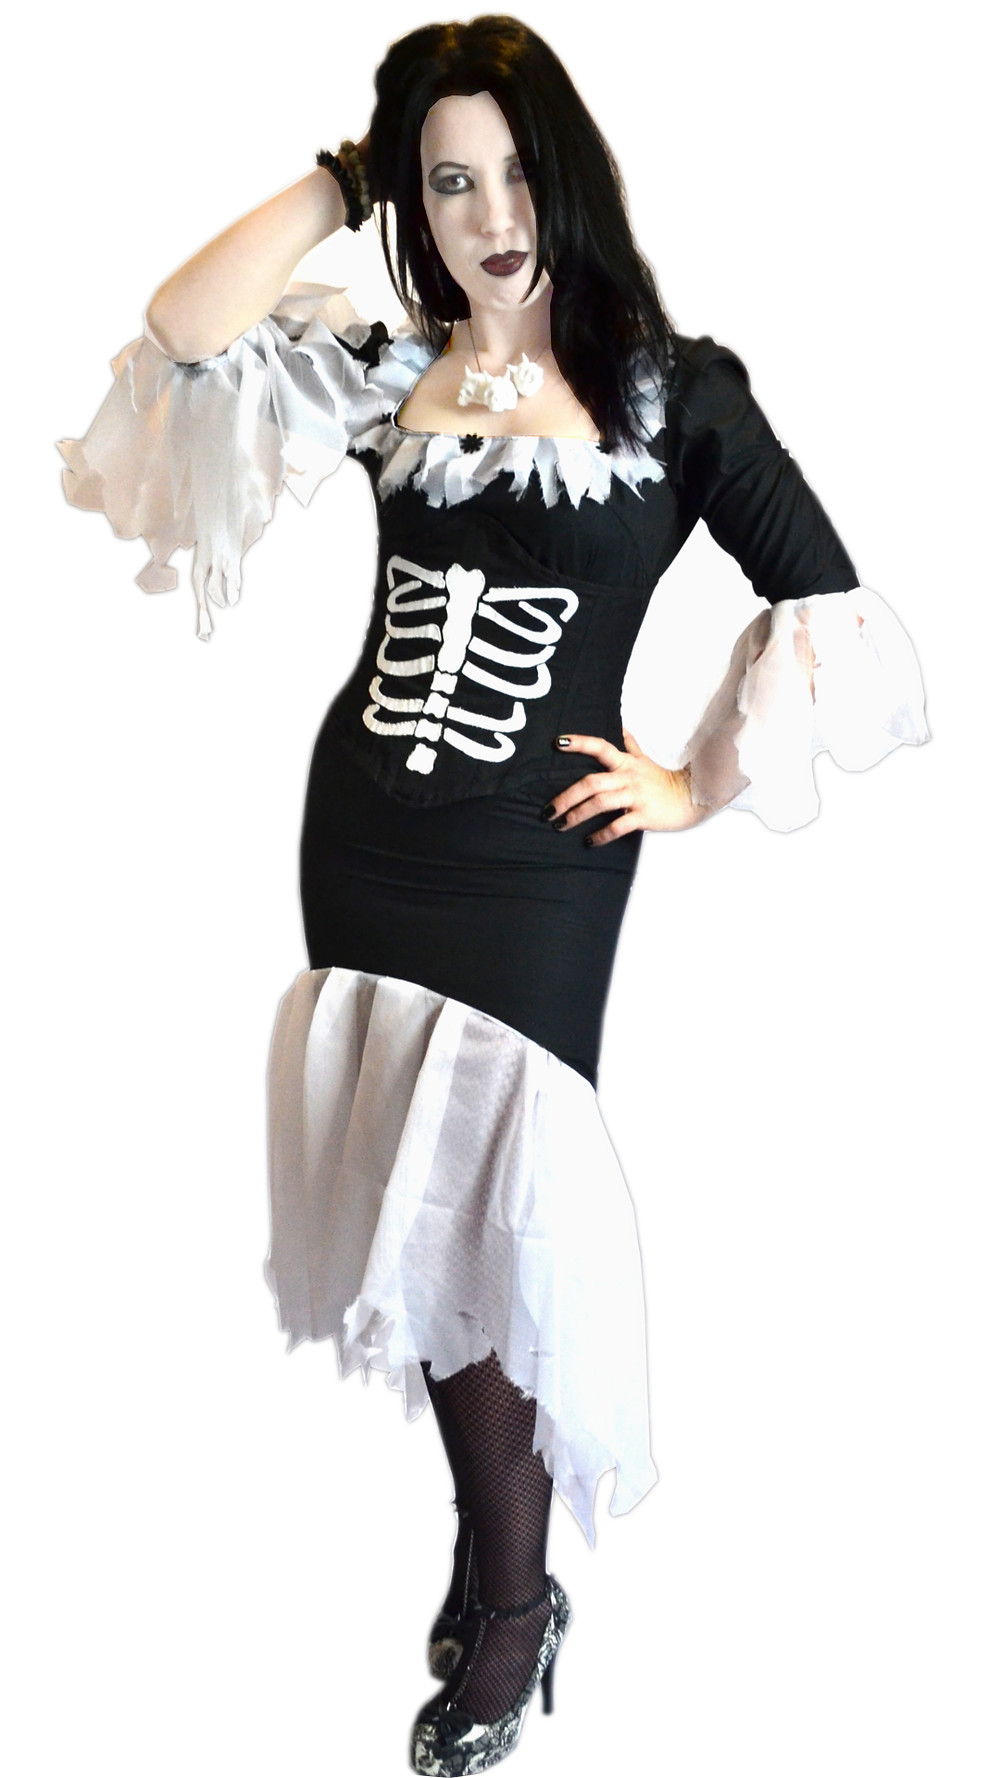 Mortuary Dress & Corset, model - Trish